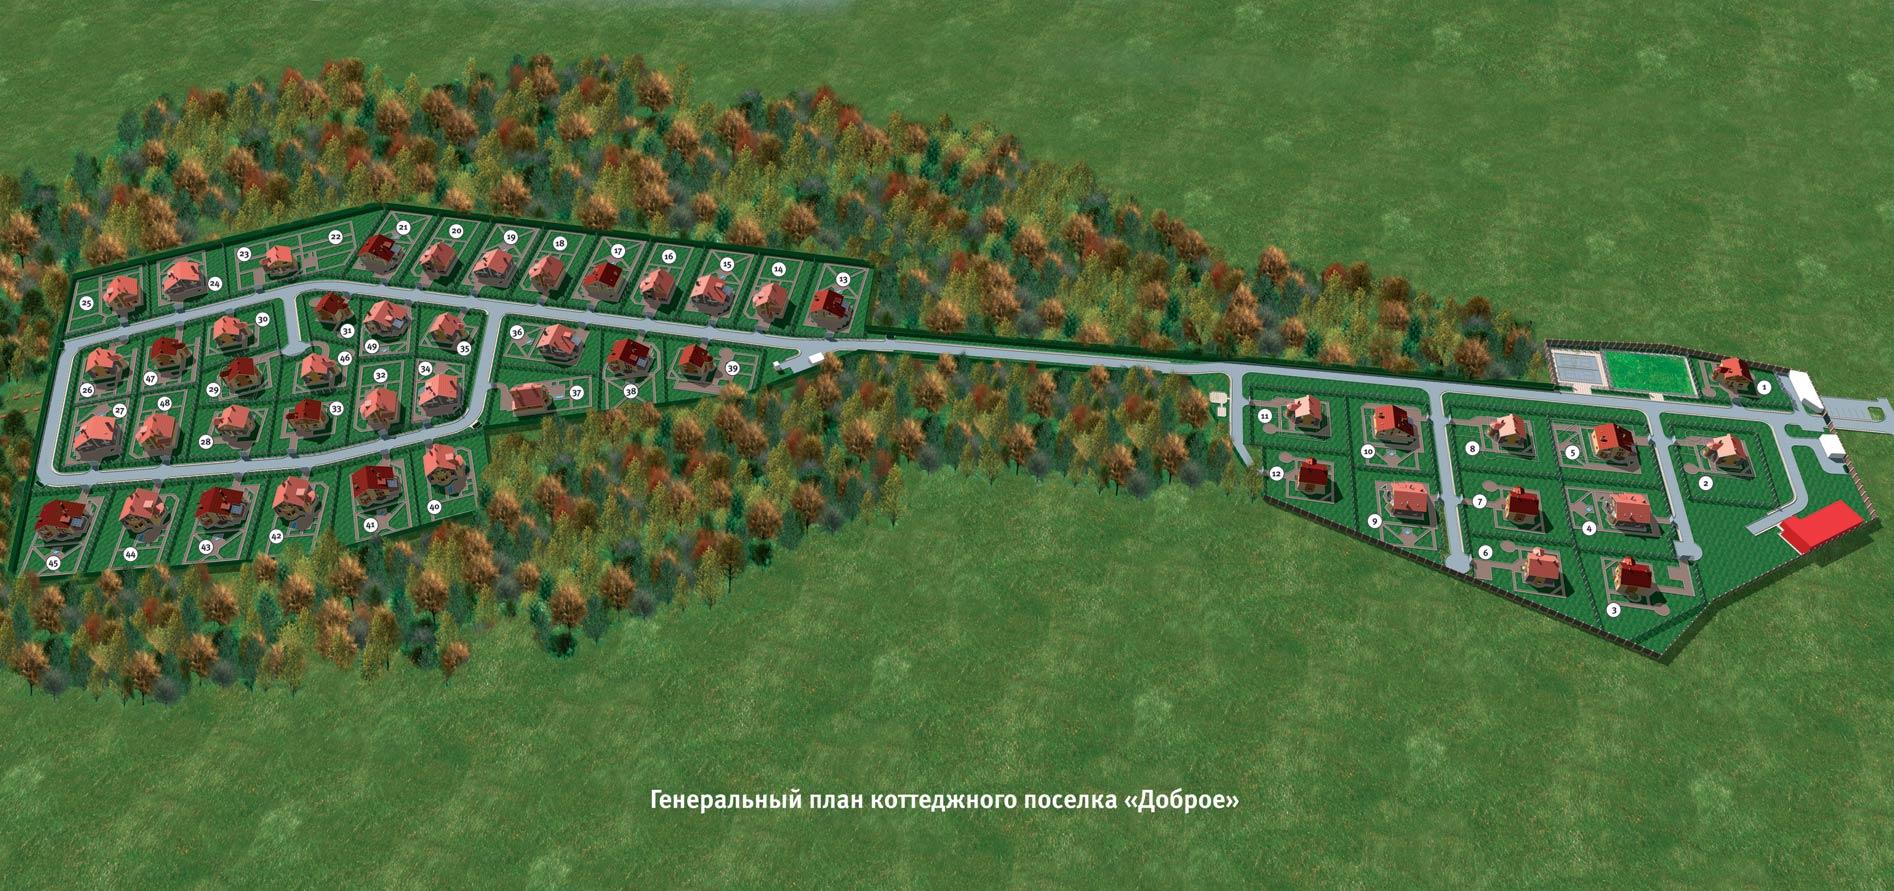 Схема строительства коттеджного поселка